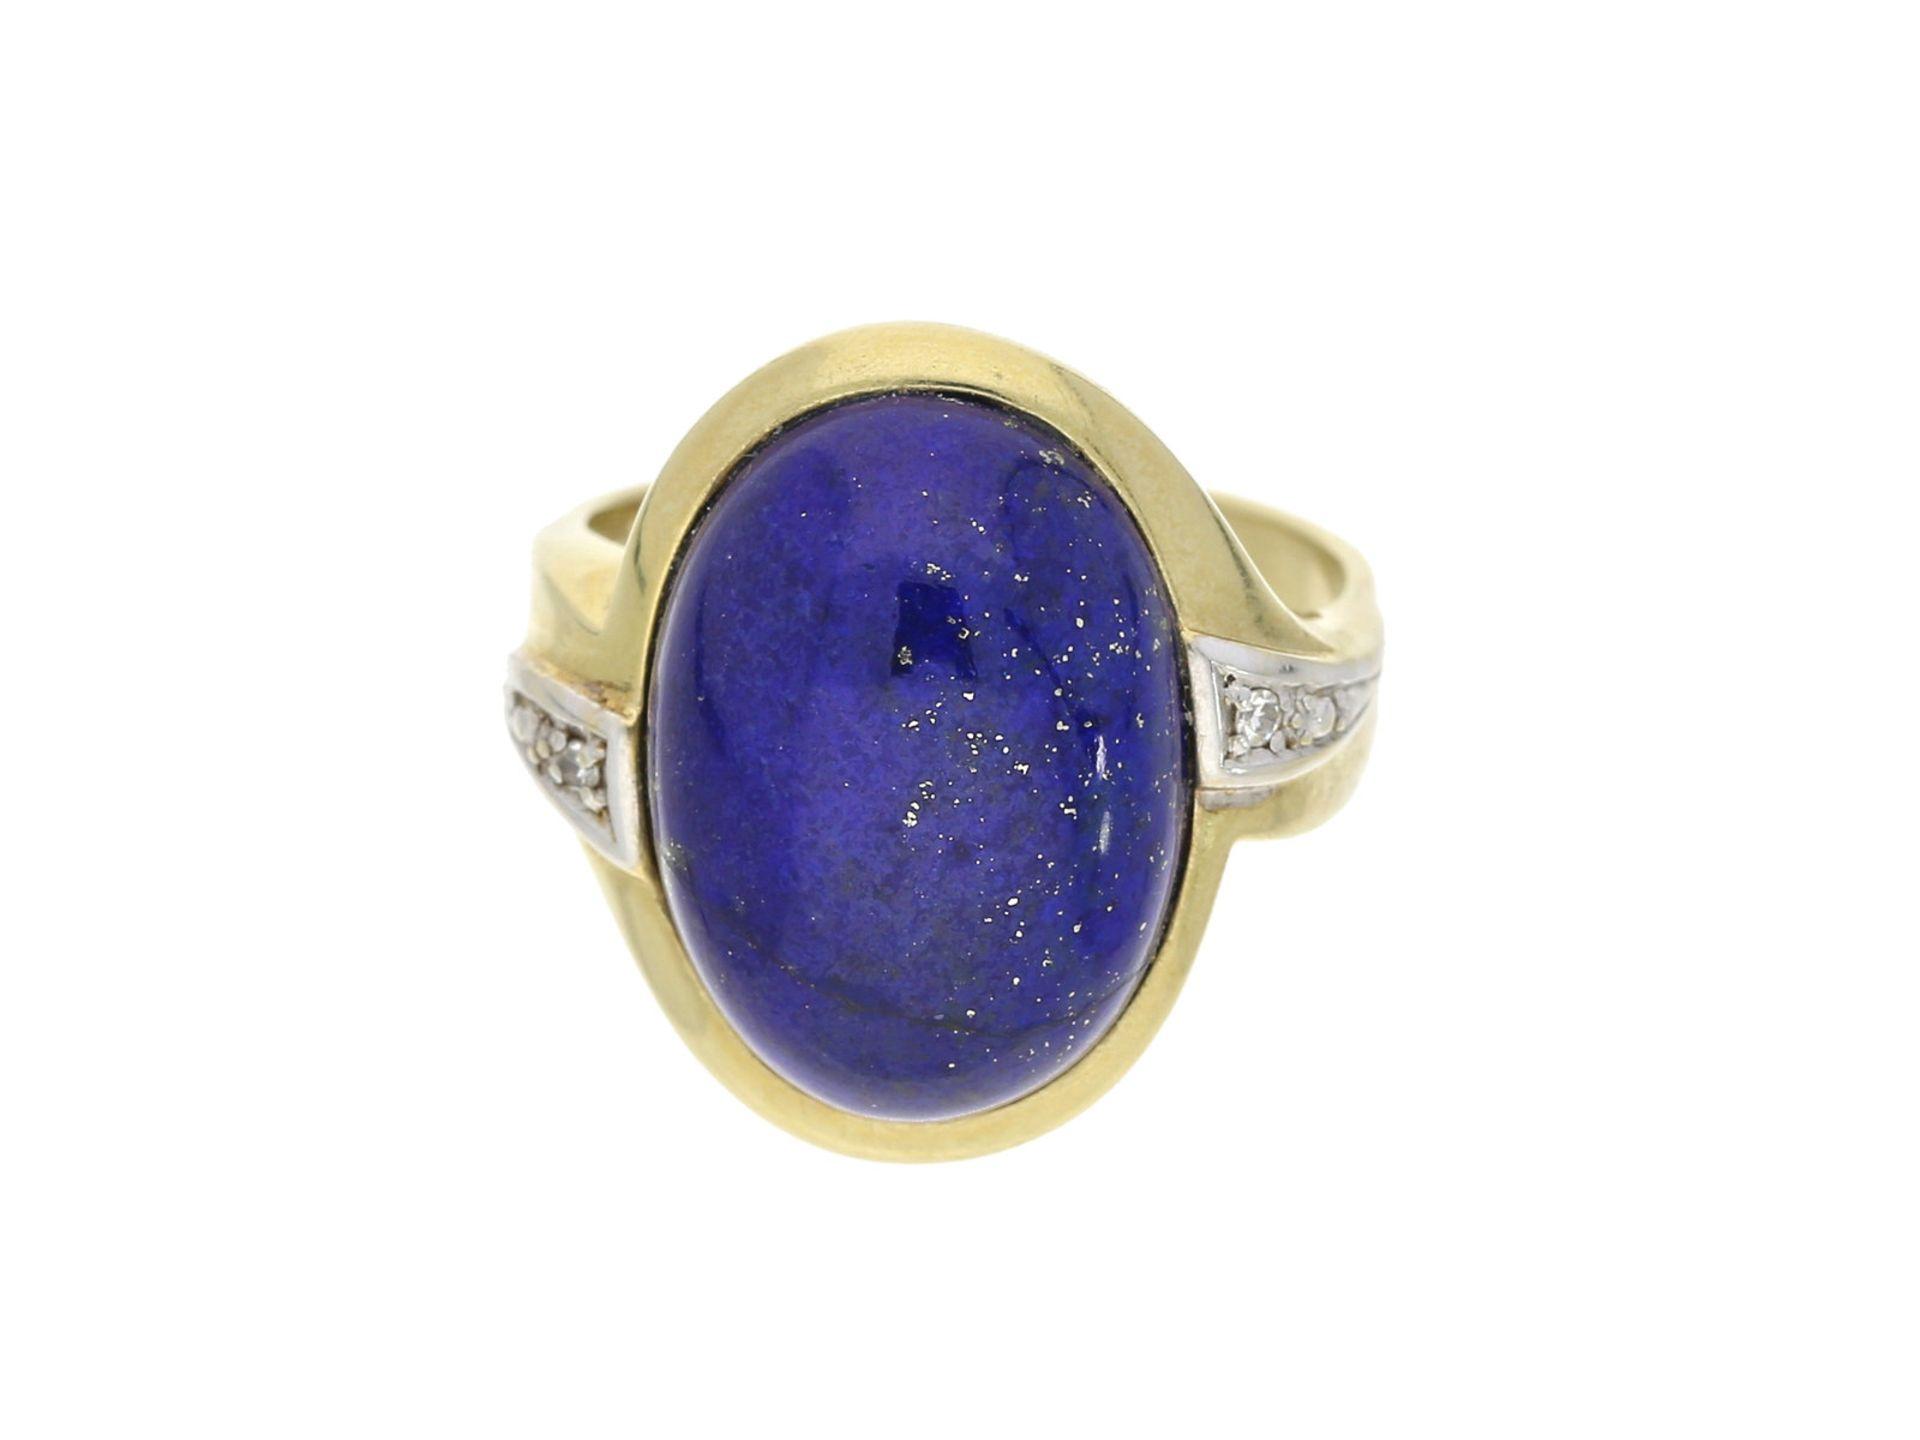 Ring: schwerer vintage Goldschmiedering mit Lapislazuli/Diamant-Besatz, 14K GoldCa. Ø18,5mm, RG59,